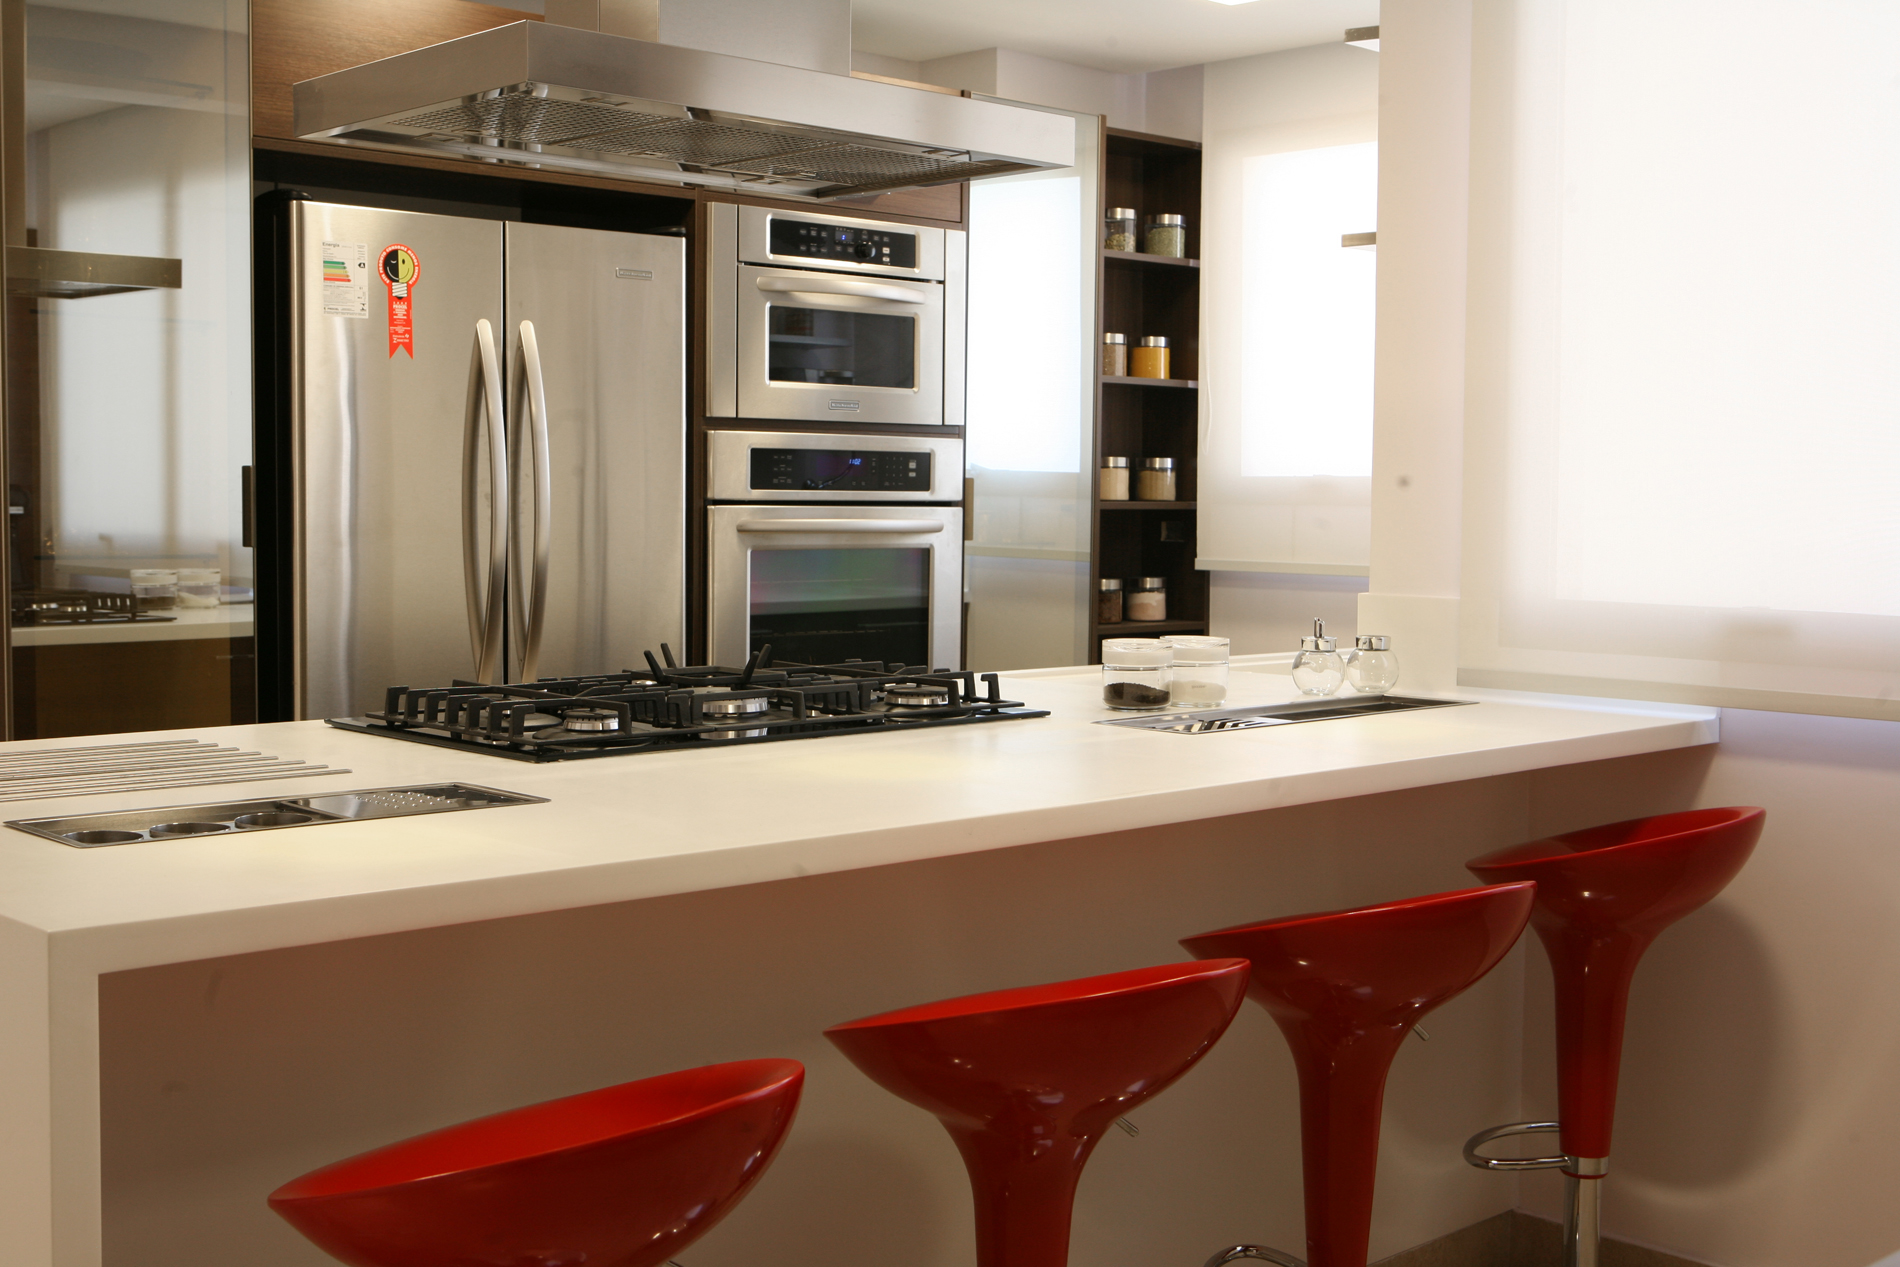 #B72614 Dicas para não errar na decoração da cozinha Americana 1900x1267 px Bancada Madeira Para Cozinha Americana #1431 imagens